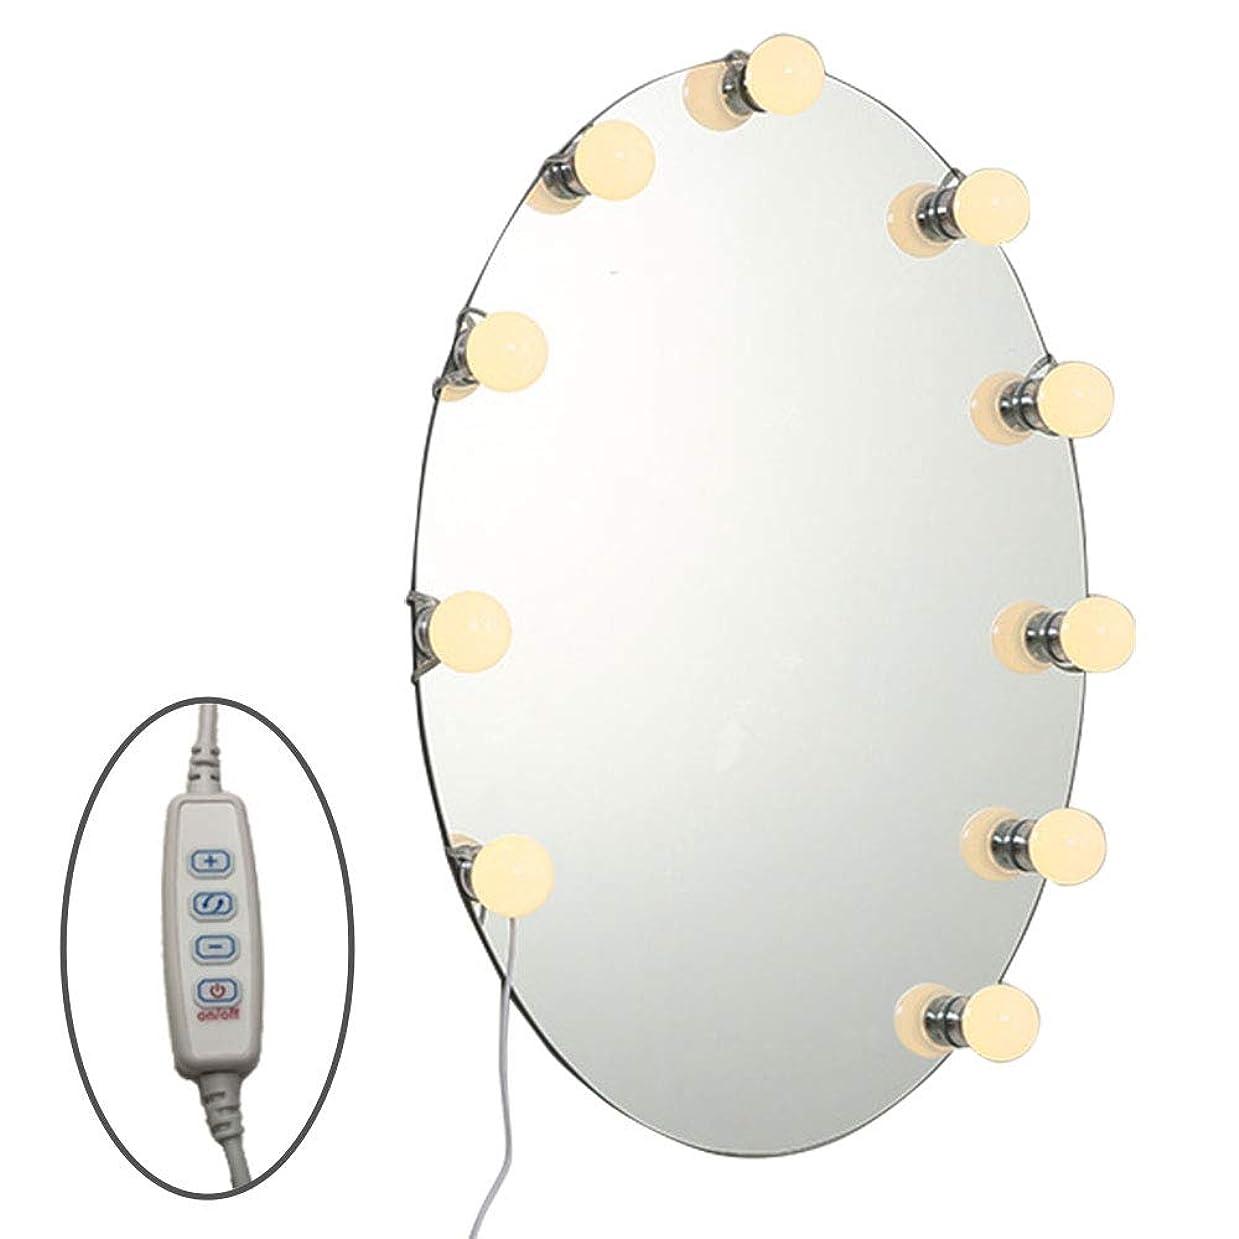 アコード表示忘れるpassion LEDミラーライト ハリウッド女優 ドレッサー ライト メイクアップ スタイリング USB給電 LED 10個 3調色 10段階調光 光色切替 両面テープ貼り付け ◇L804